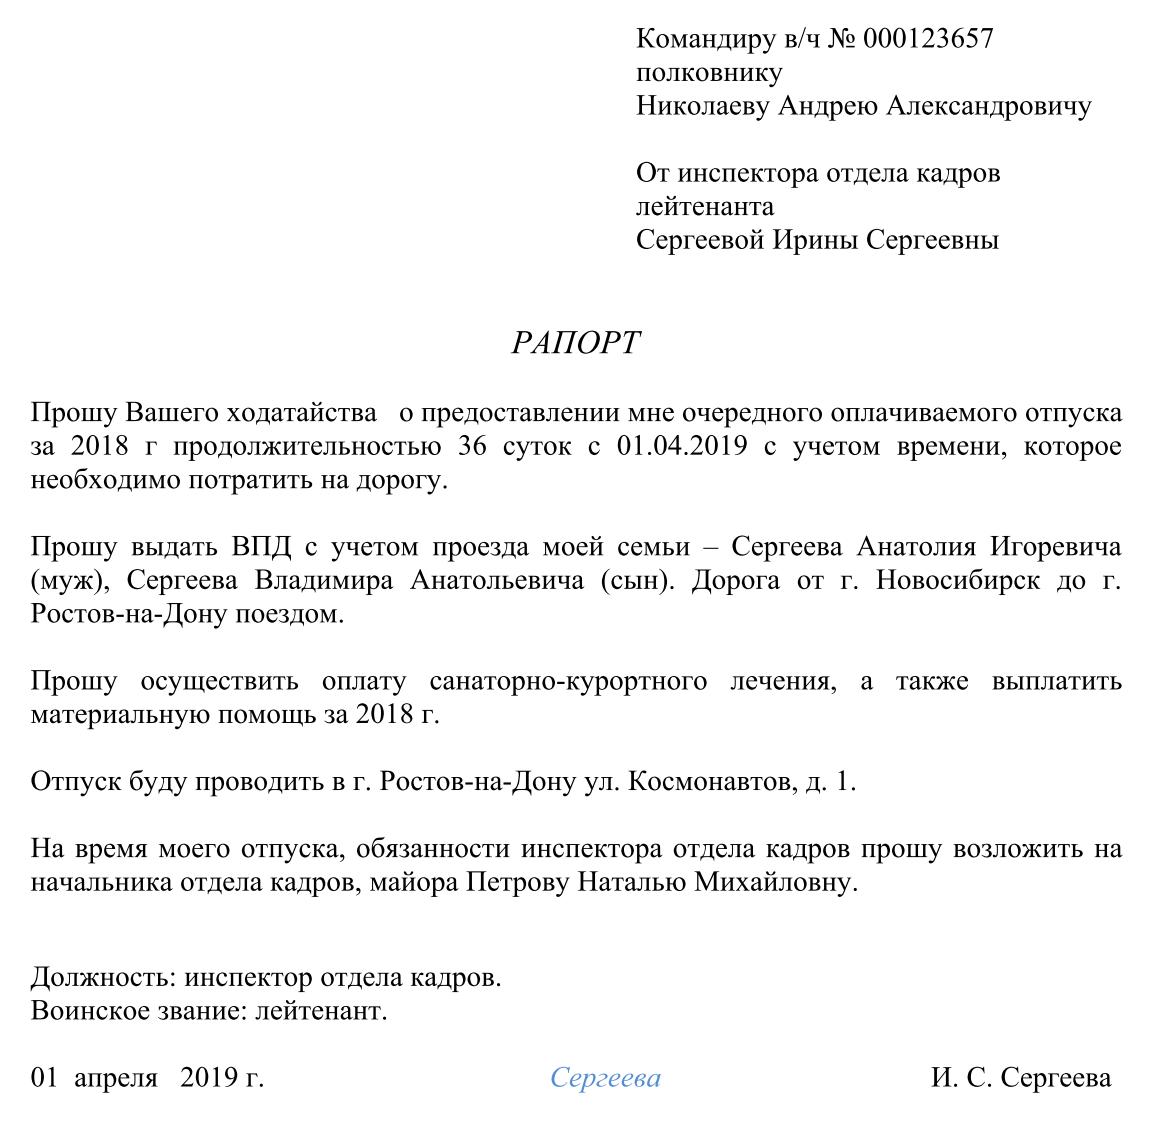 osnovnoy-01.png